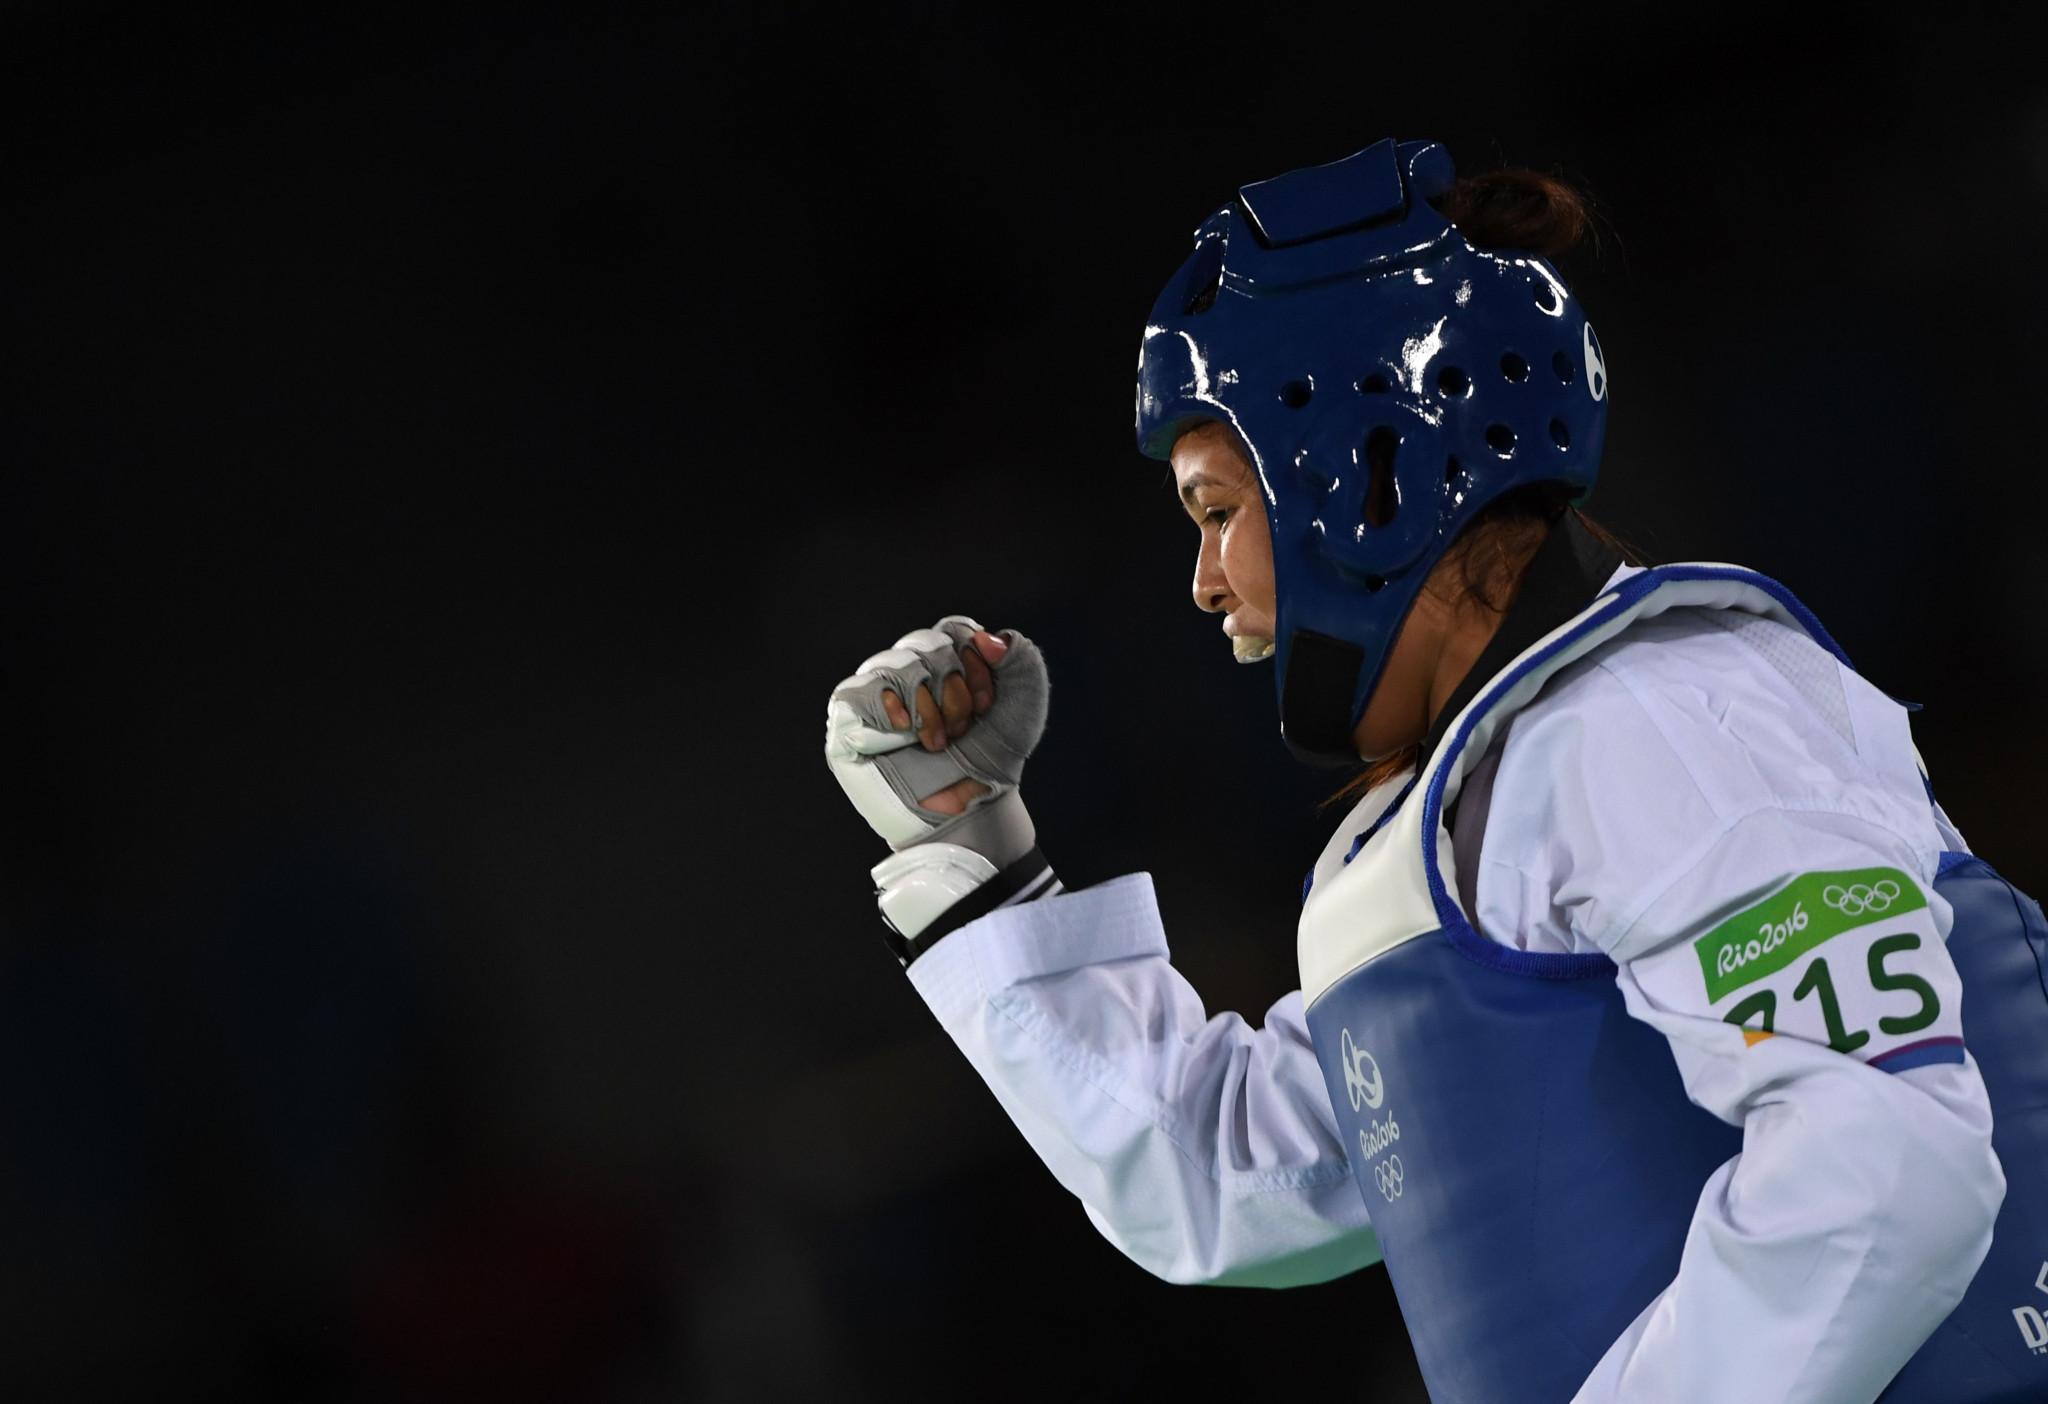 Nepal had seven athletes represent the nation at Rio 2016 including Nisha Rawal in taekwondo ©Getty Images